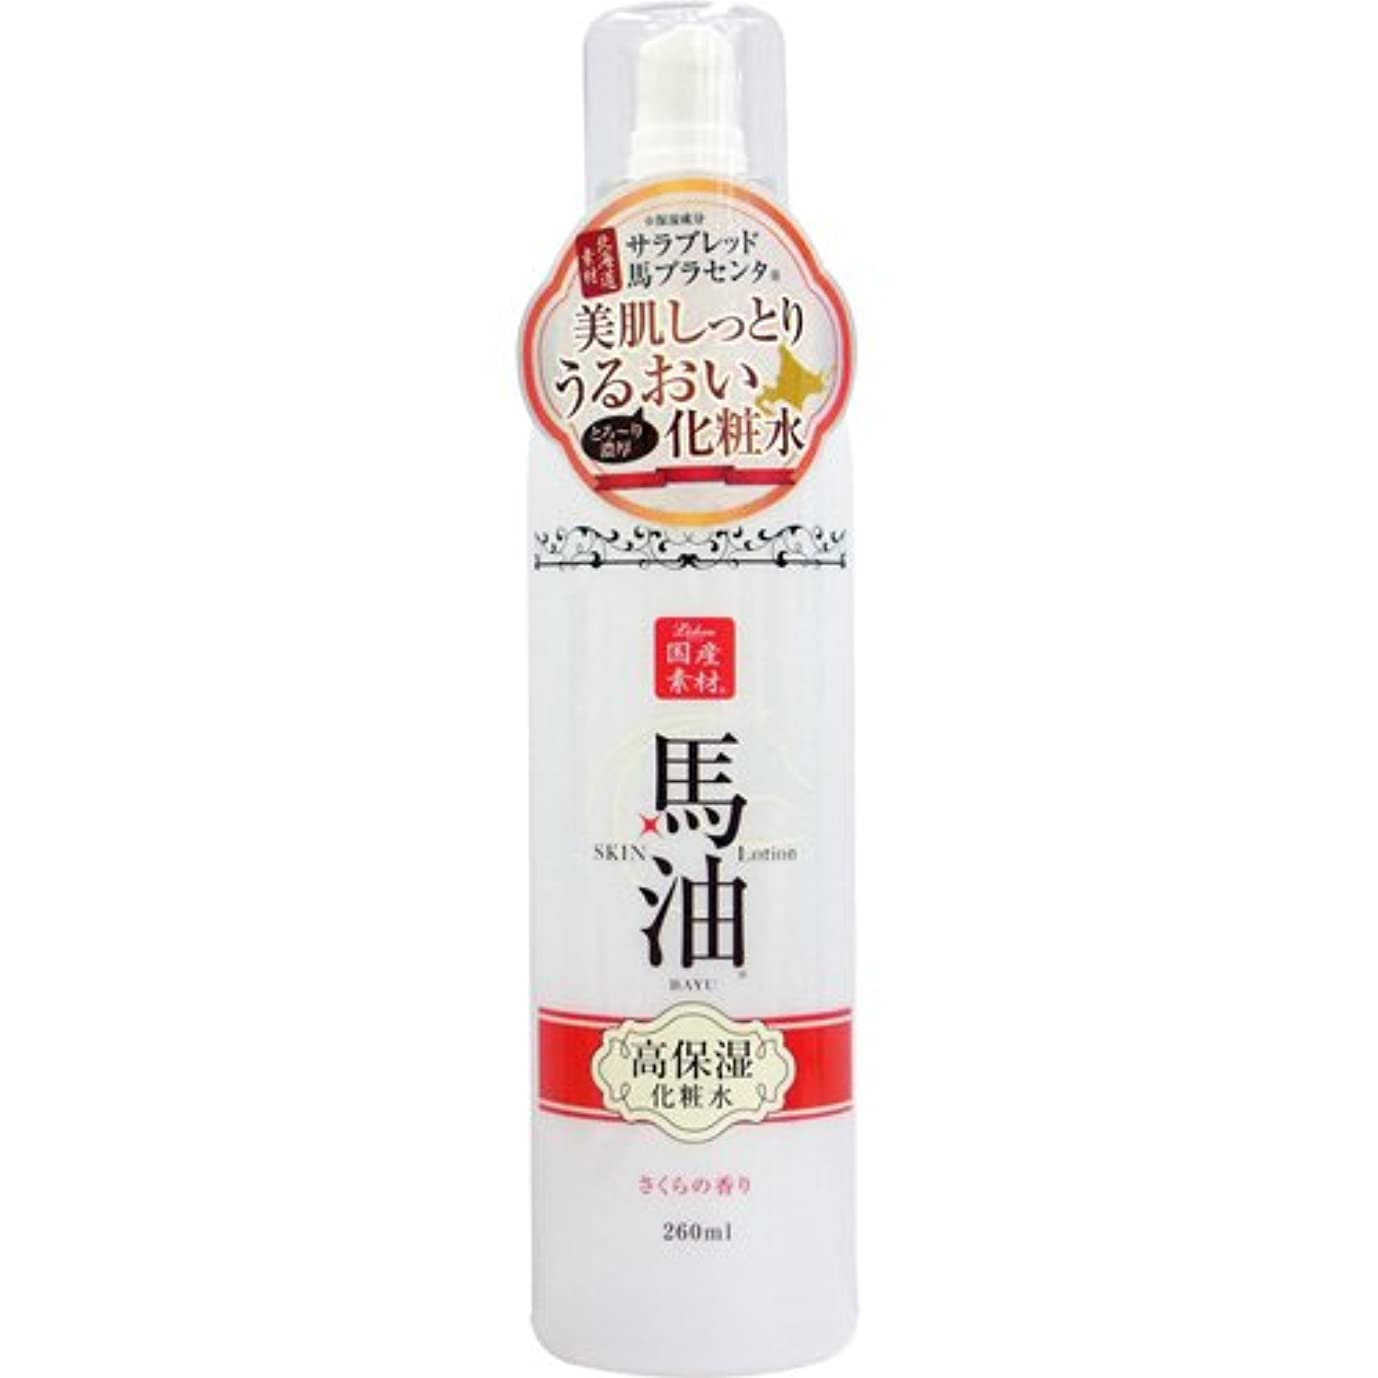 キャロライン成果後方リシャン 馬油化粧水 (さくらの香り) (260mL)